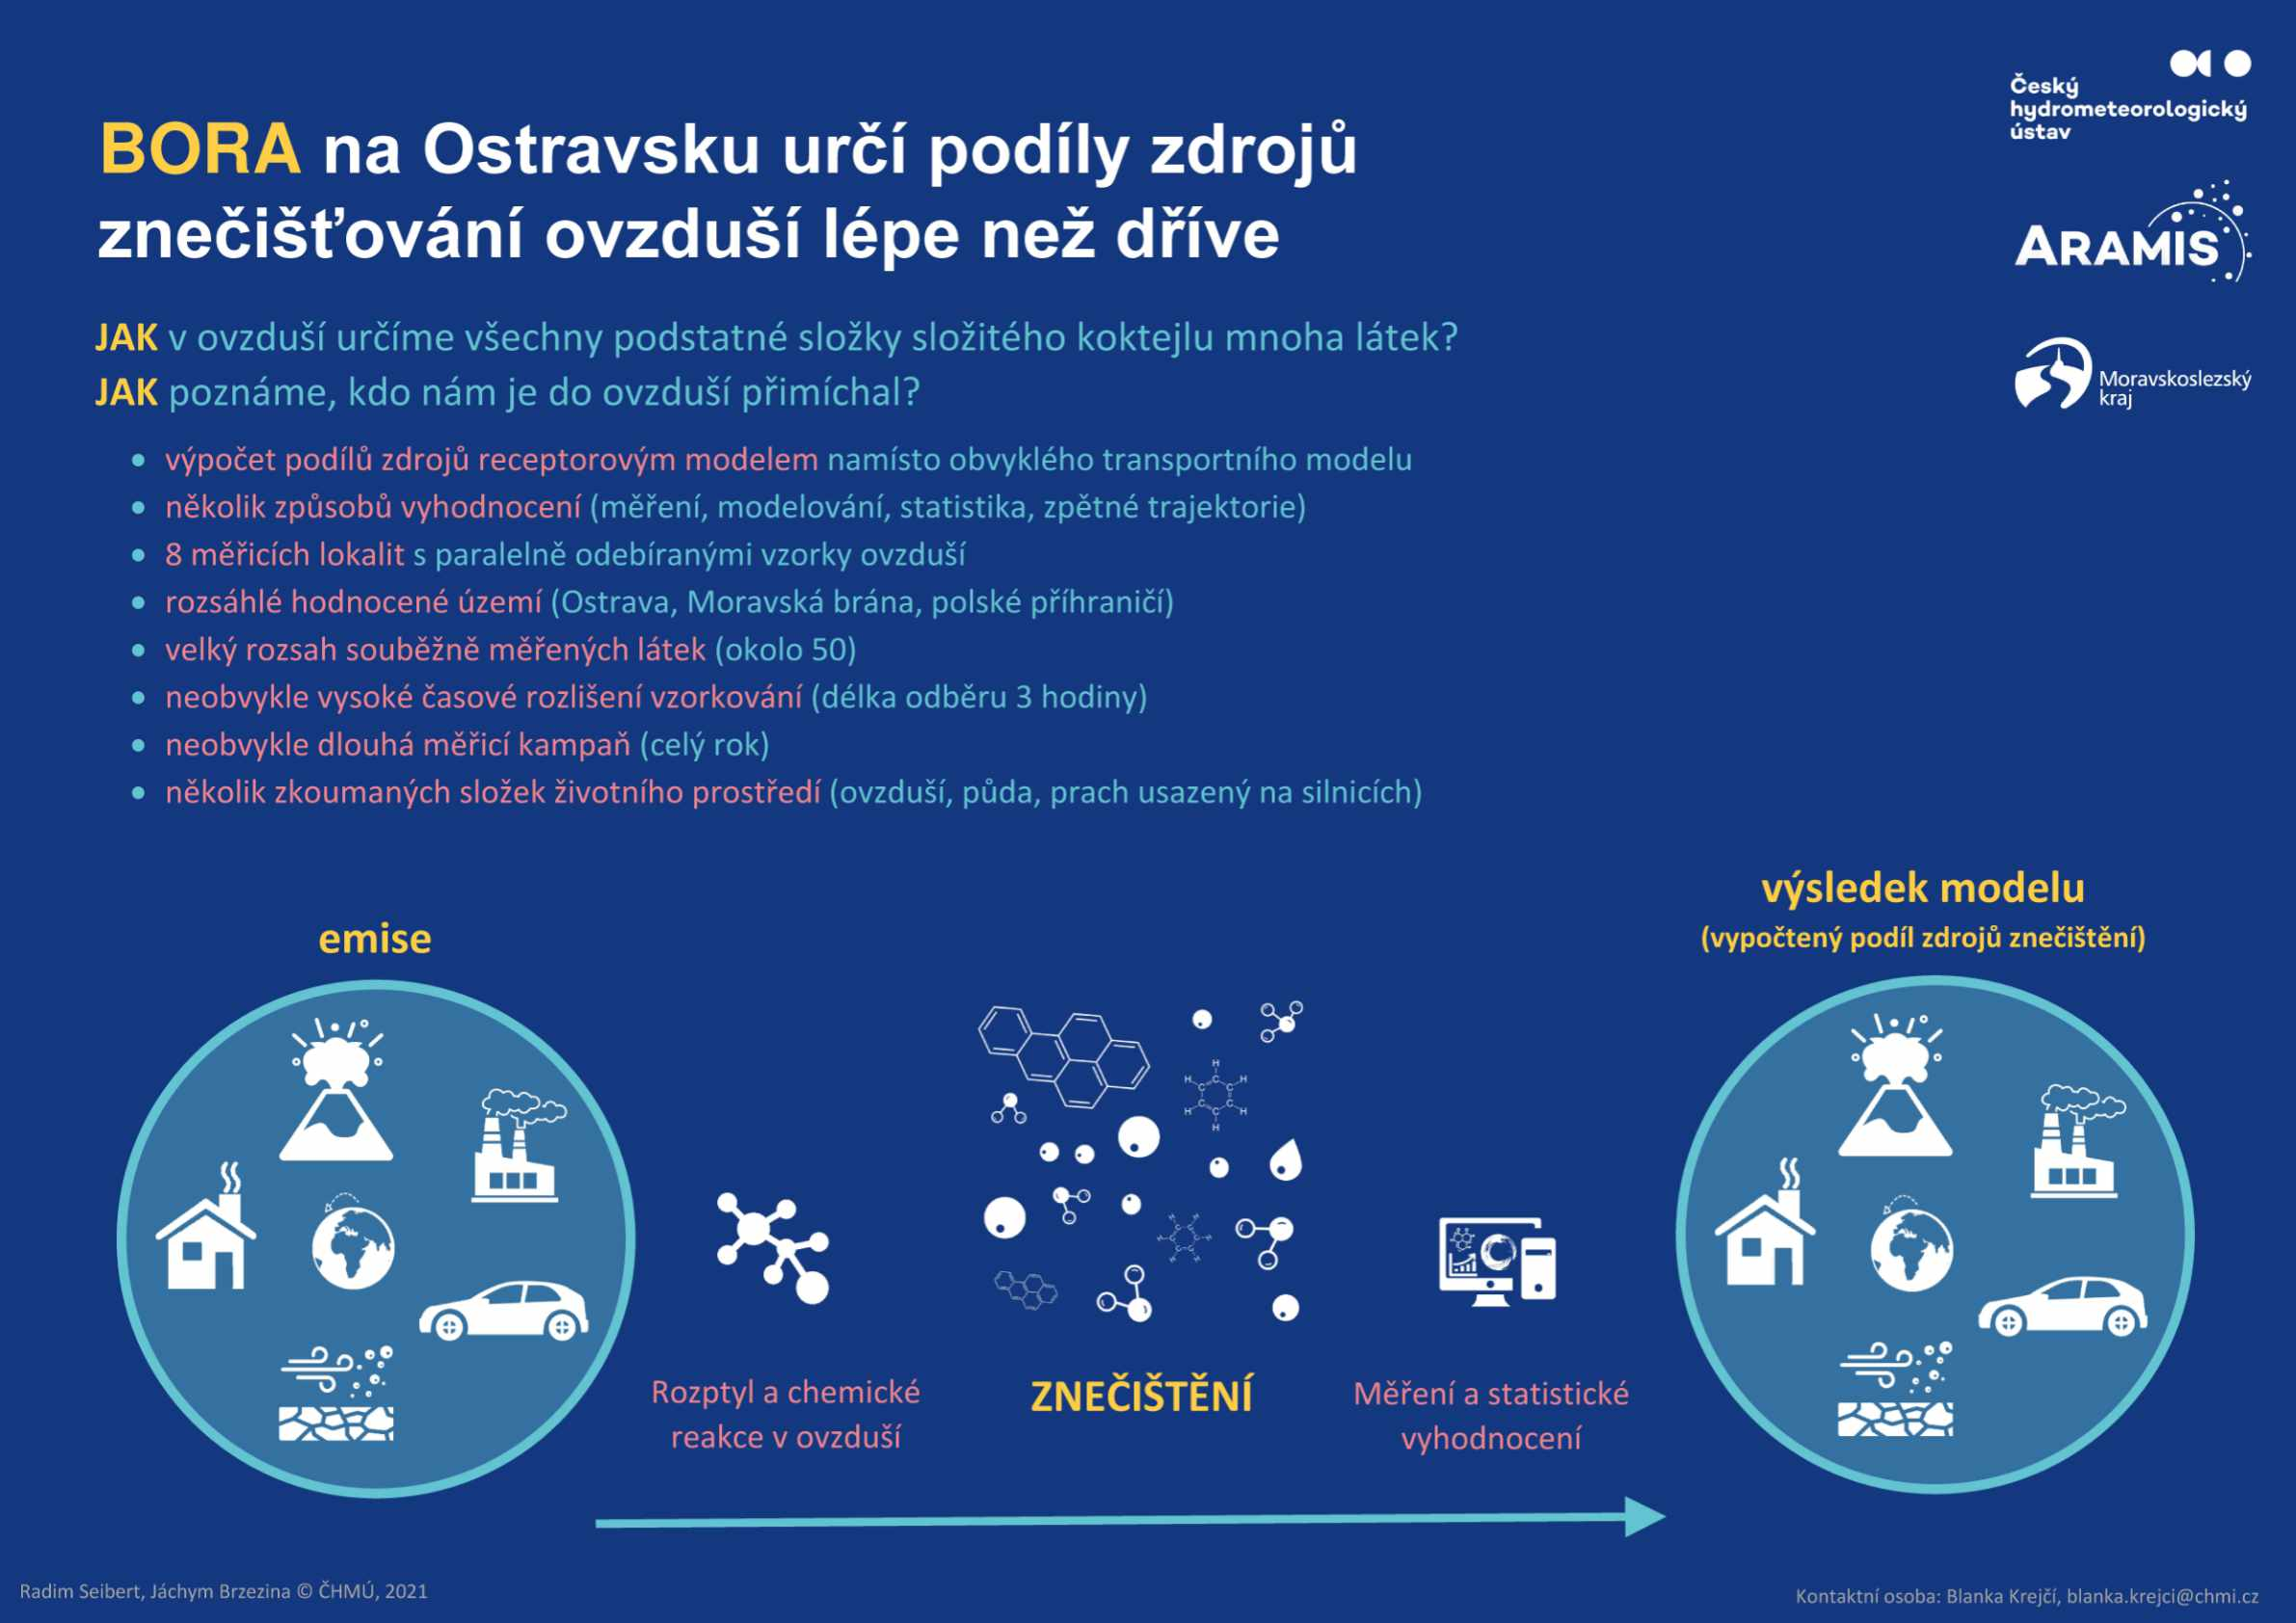 Koncept BORA – bližší určení původu znečištění ovzduší na Ostravsku – infografika 41 min čtení